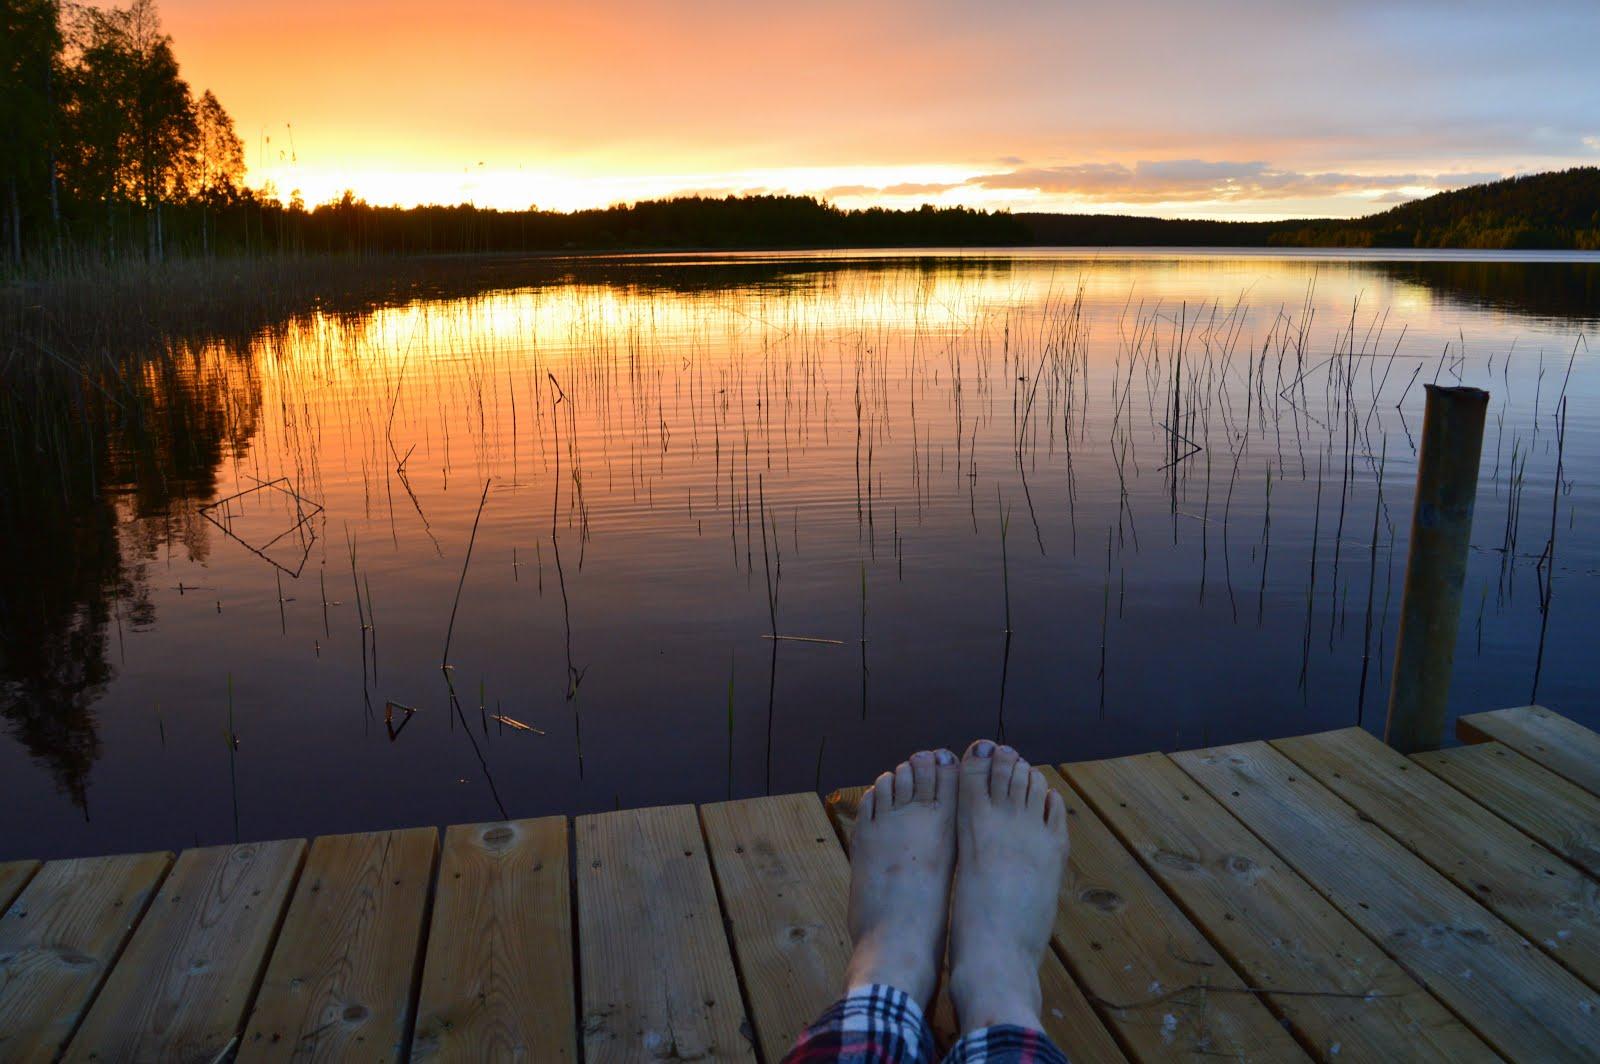 Bara fötter och ljusa nätter